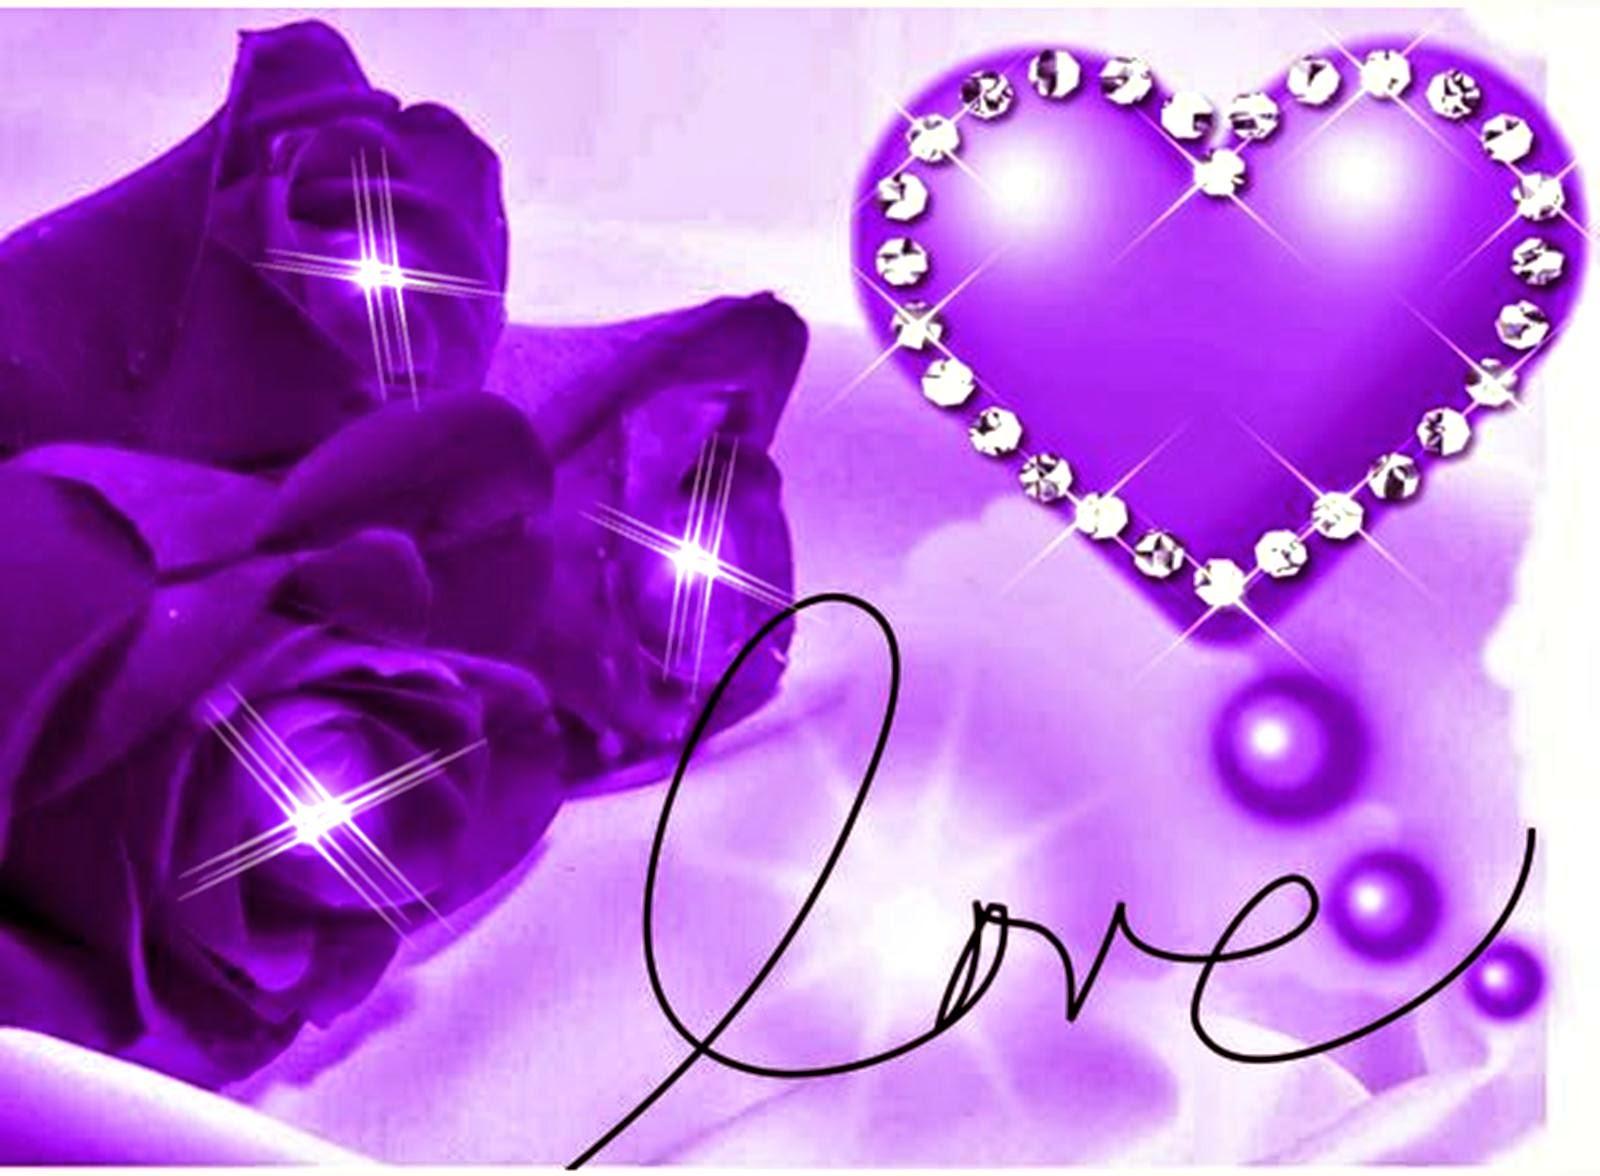 Imágenes de Amor para descargar gratis al celular imagenes de amor con frases de amor